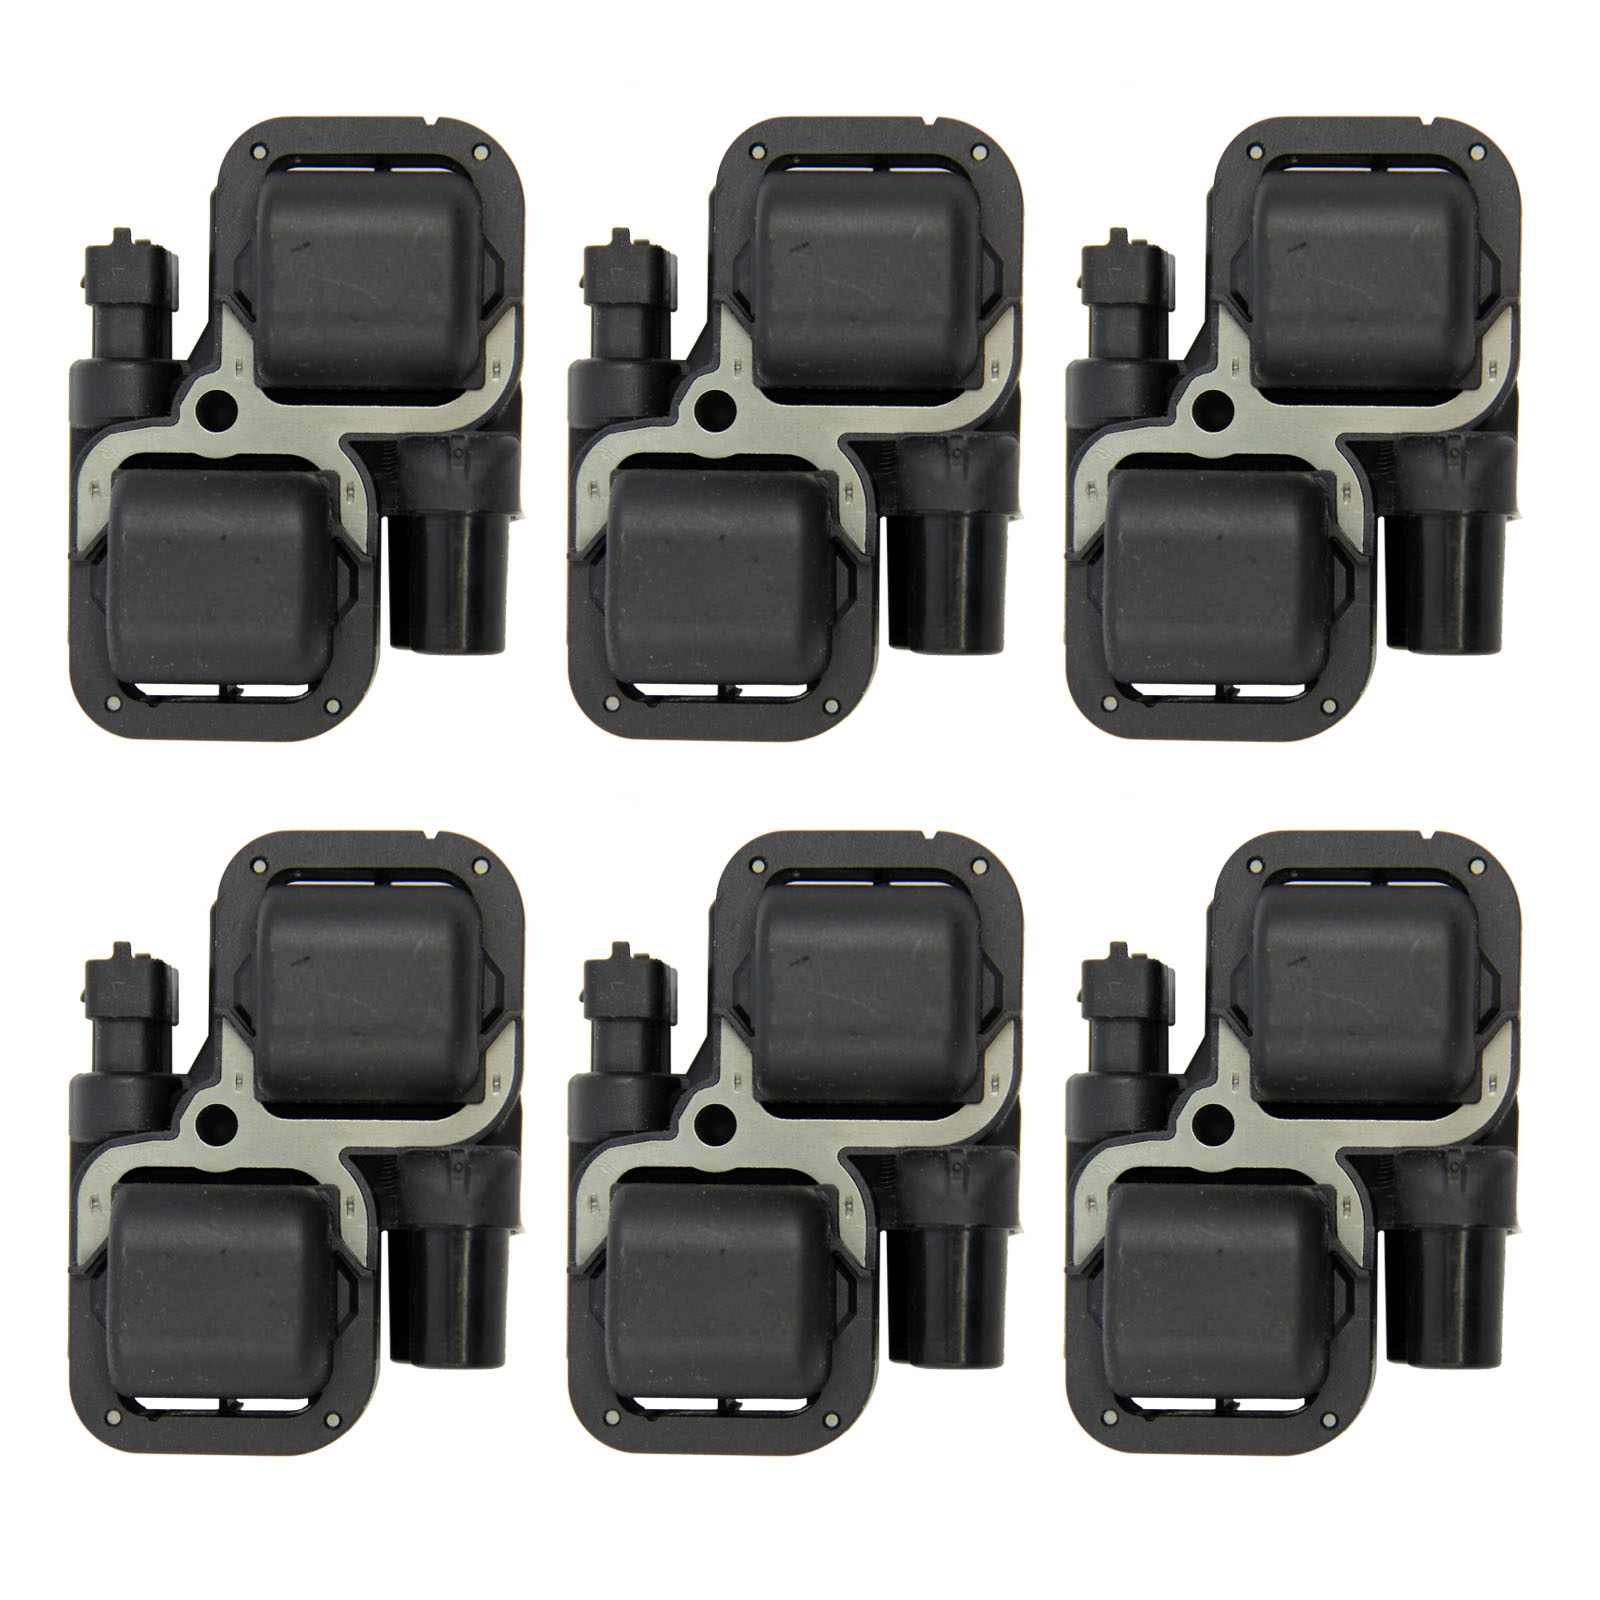 AURELIO TECH Set of 6 Ignition Coils on Plug Pack For Mercedes-Benz SLK55 AMG Chrysler UF359